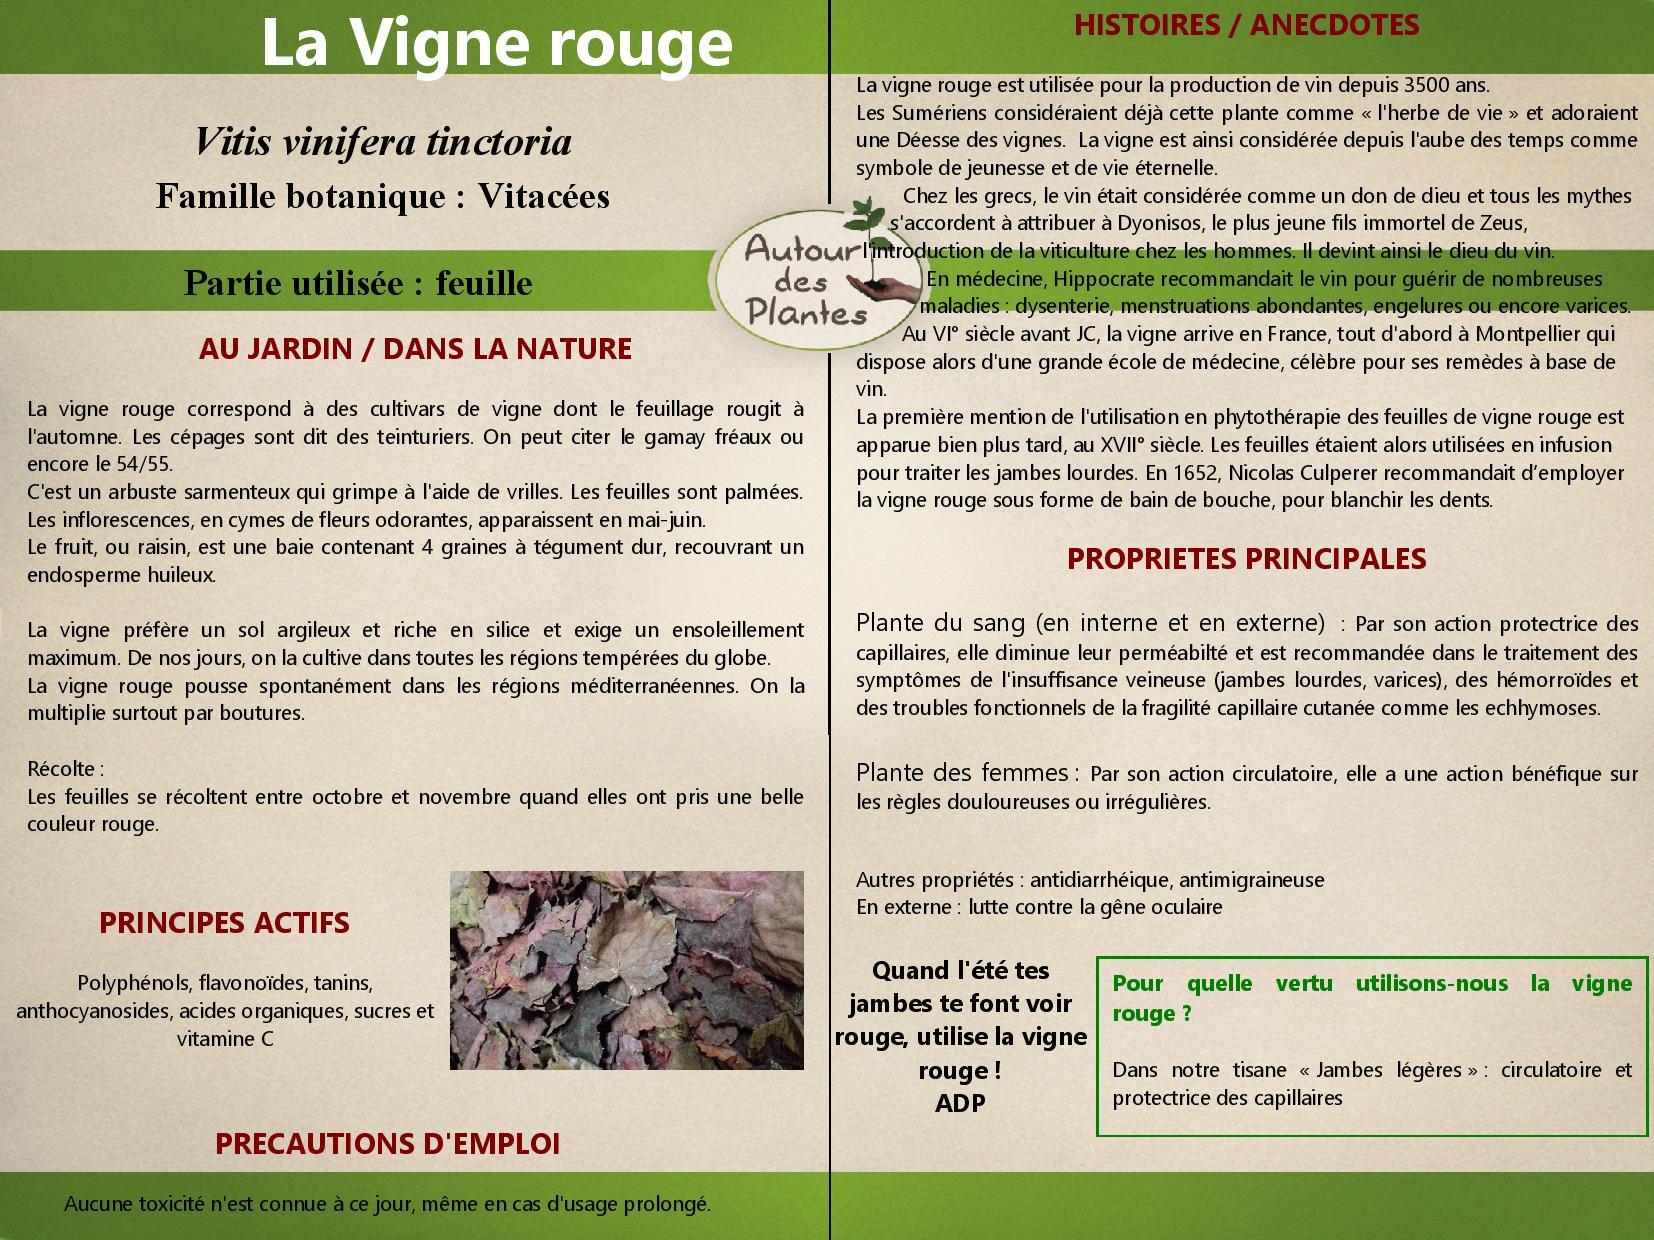 La vigne rouge page 001